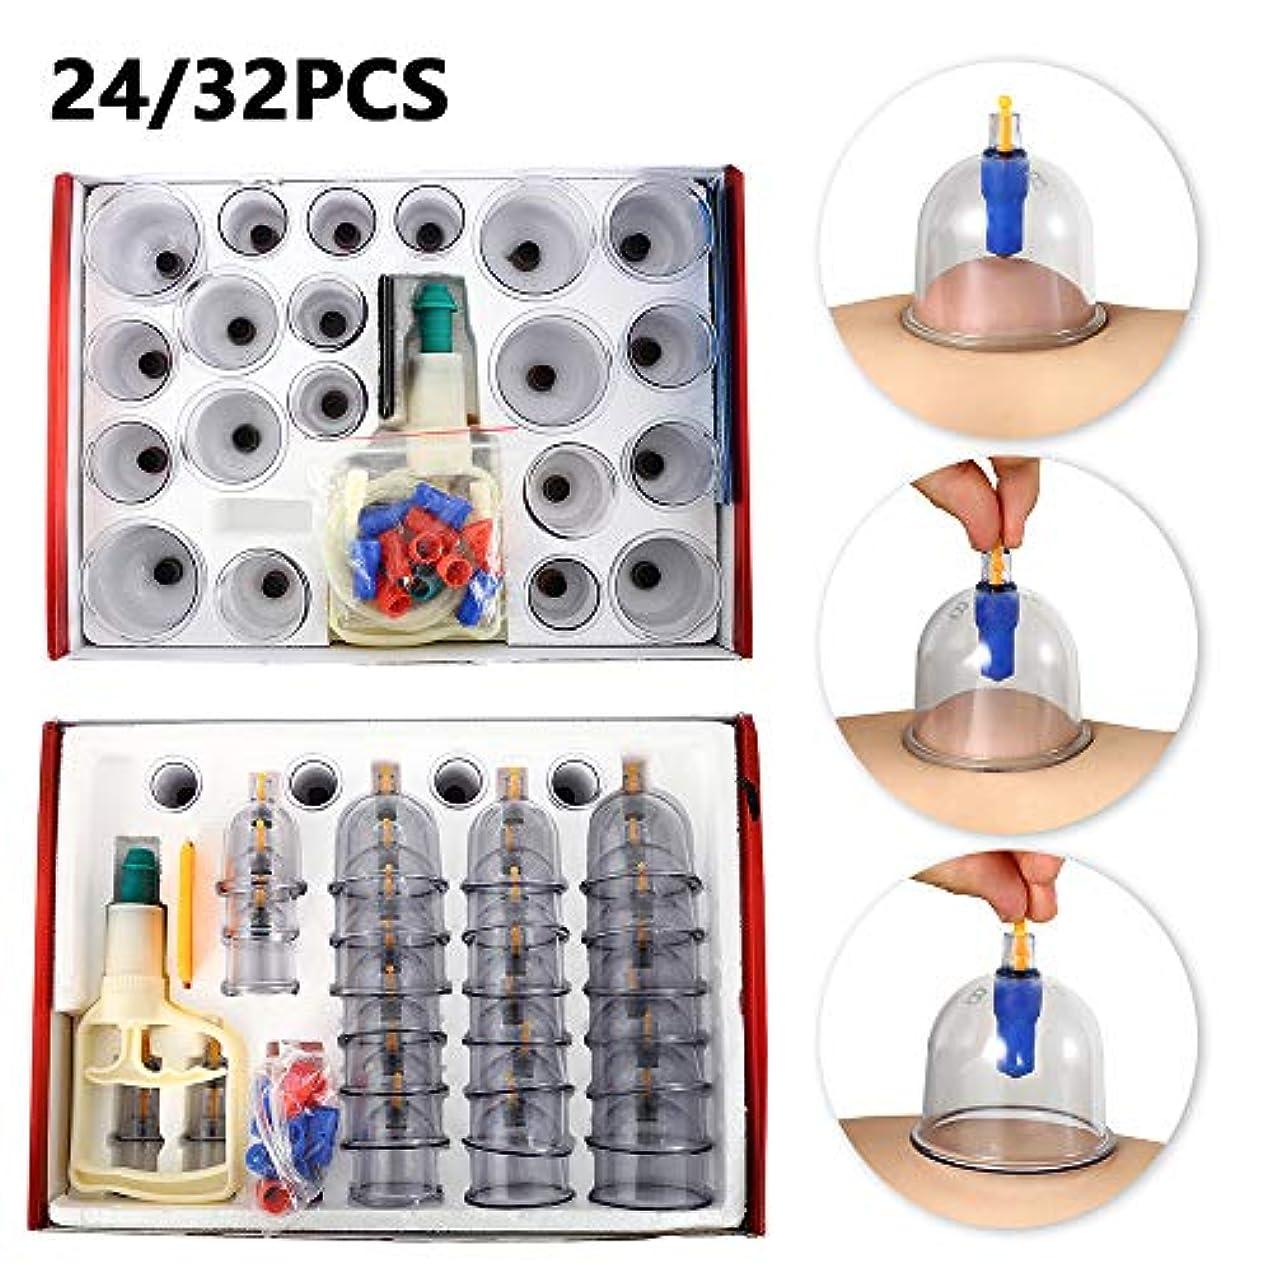 インタビュー増幅キャビンSteppiano カッピング 吸い玉 カッピングカップ 真空カッピング ツボ刺激 血流促進 こり解消 点穴 磁気 刺激 延長チューブ付属 (32セット)